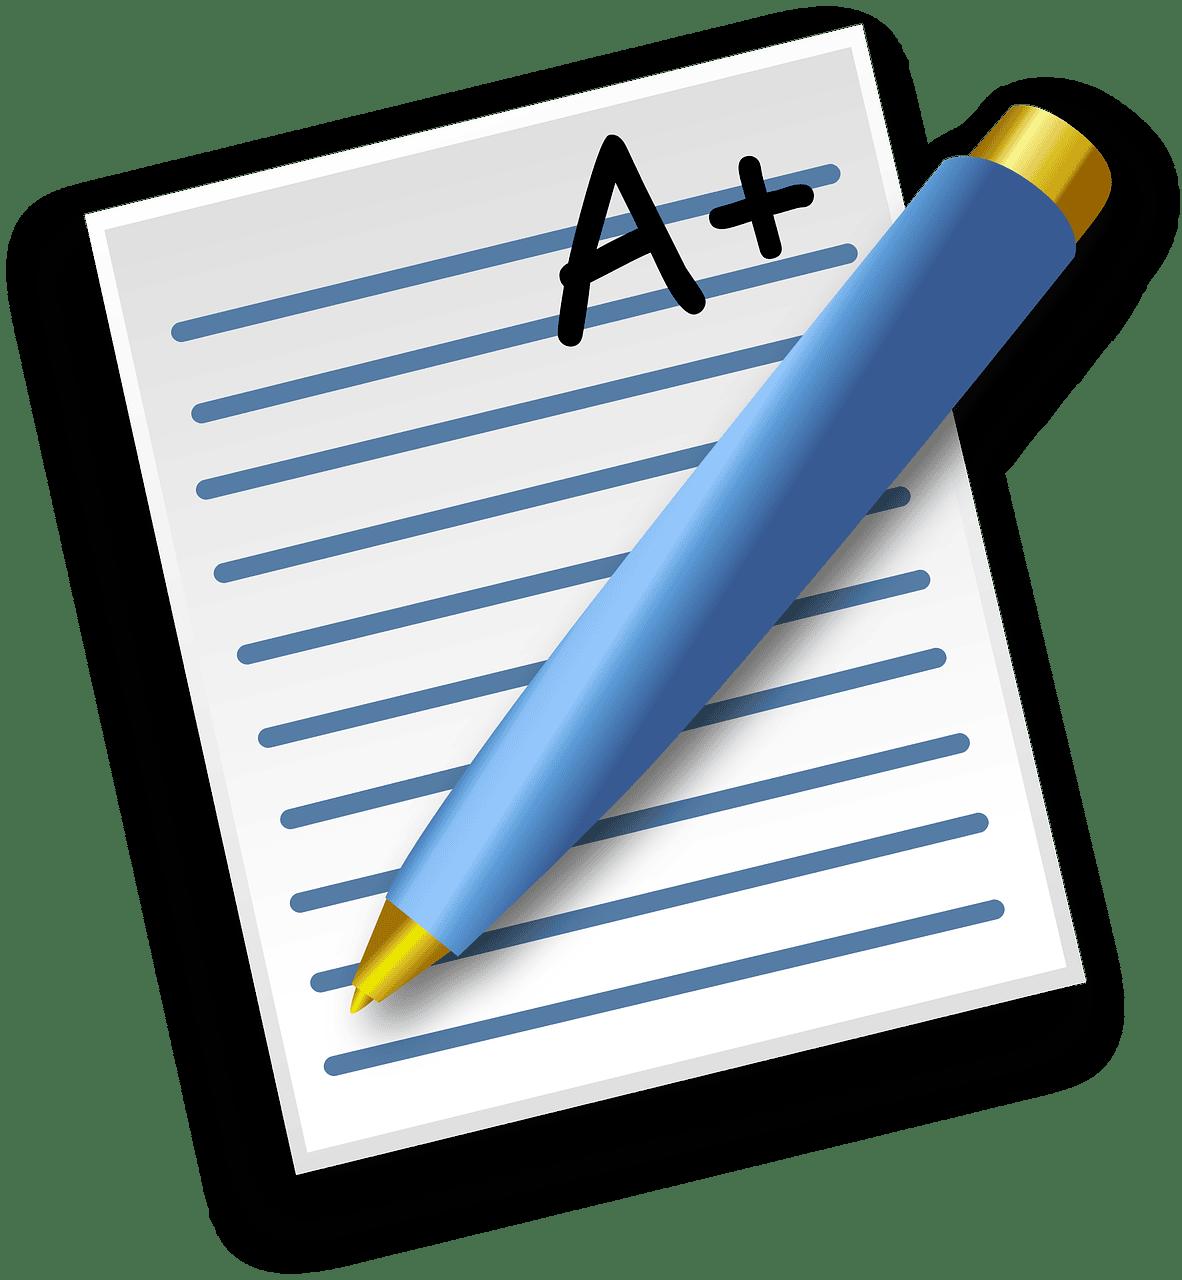 Картина, която съдържа текст, бланки, инструмент за писане, молив  Описанието е генерирано автоматично